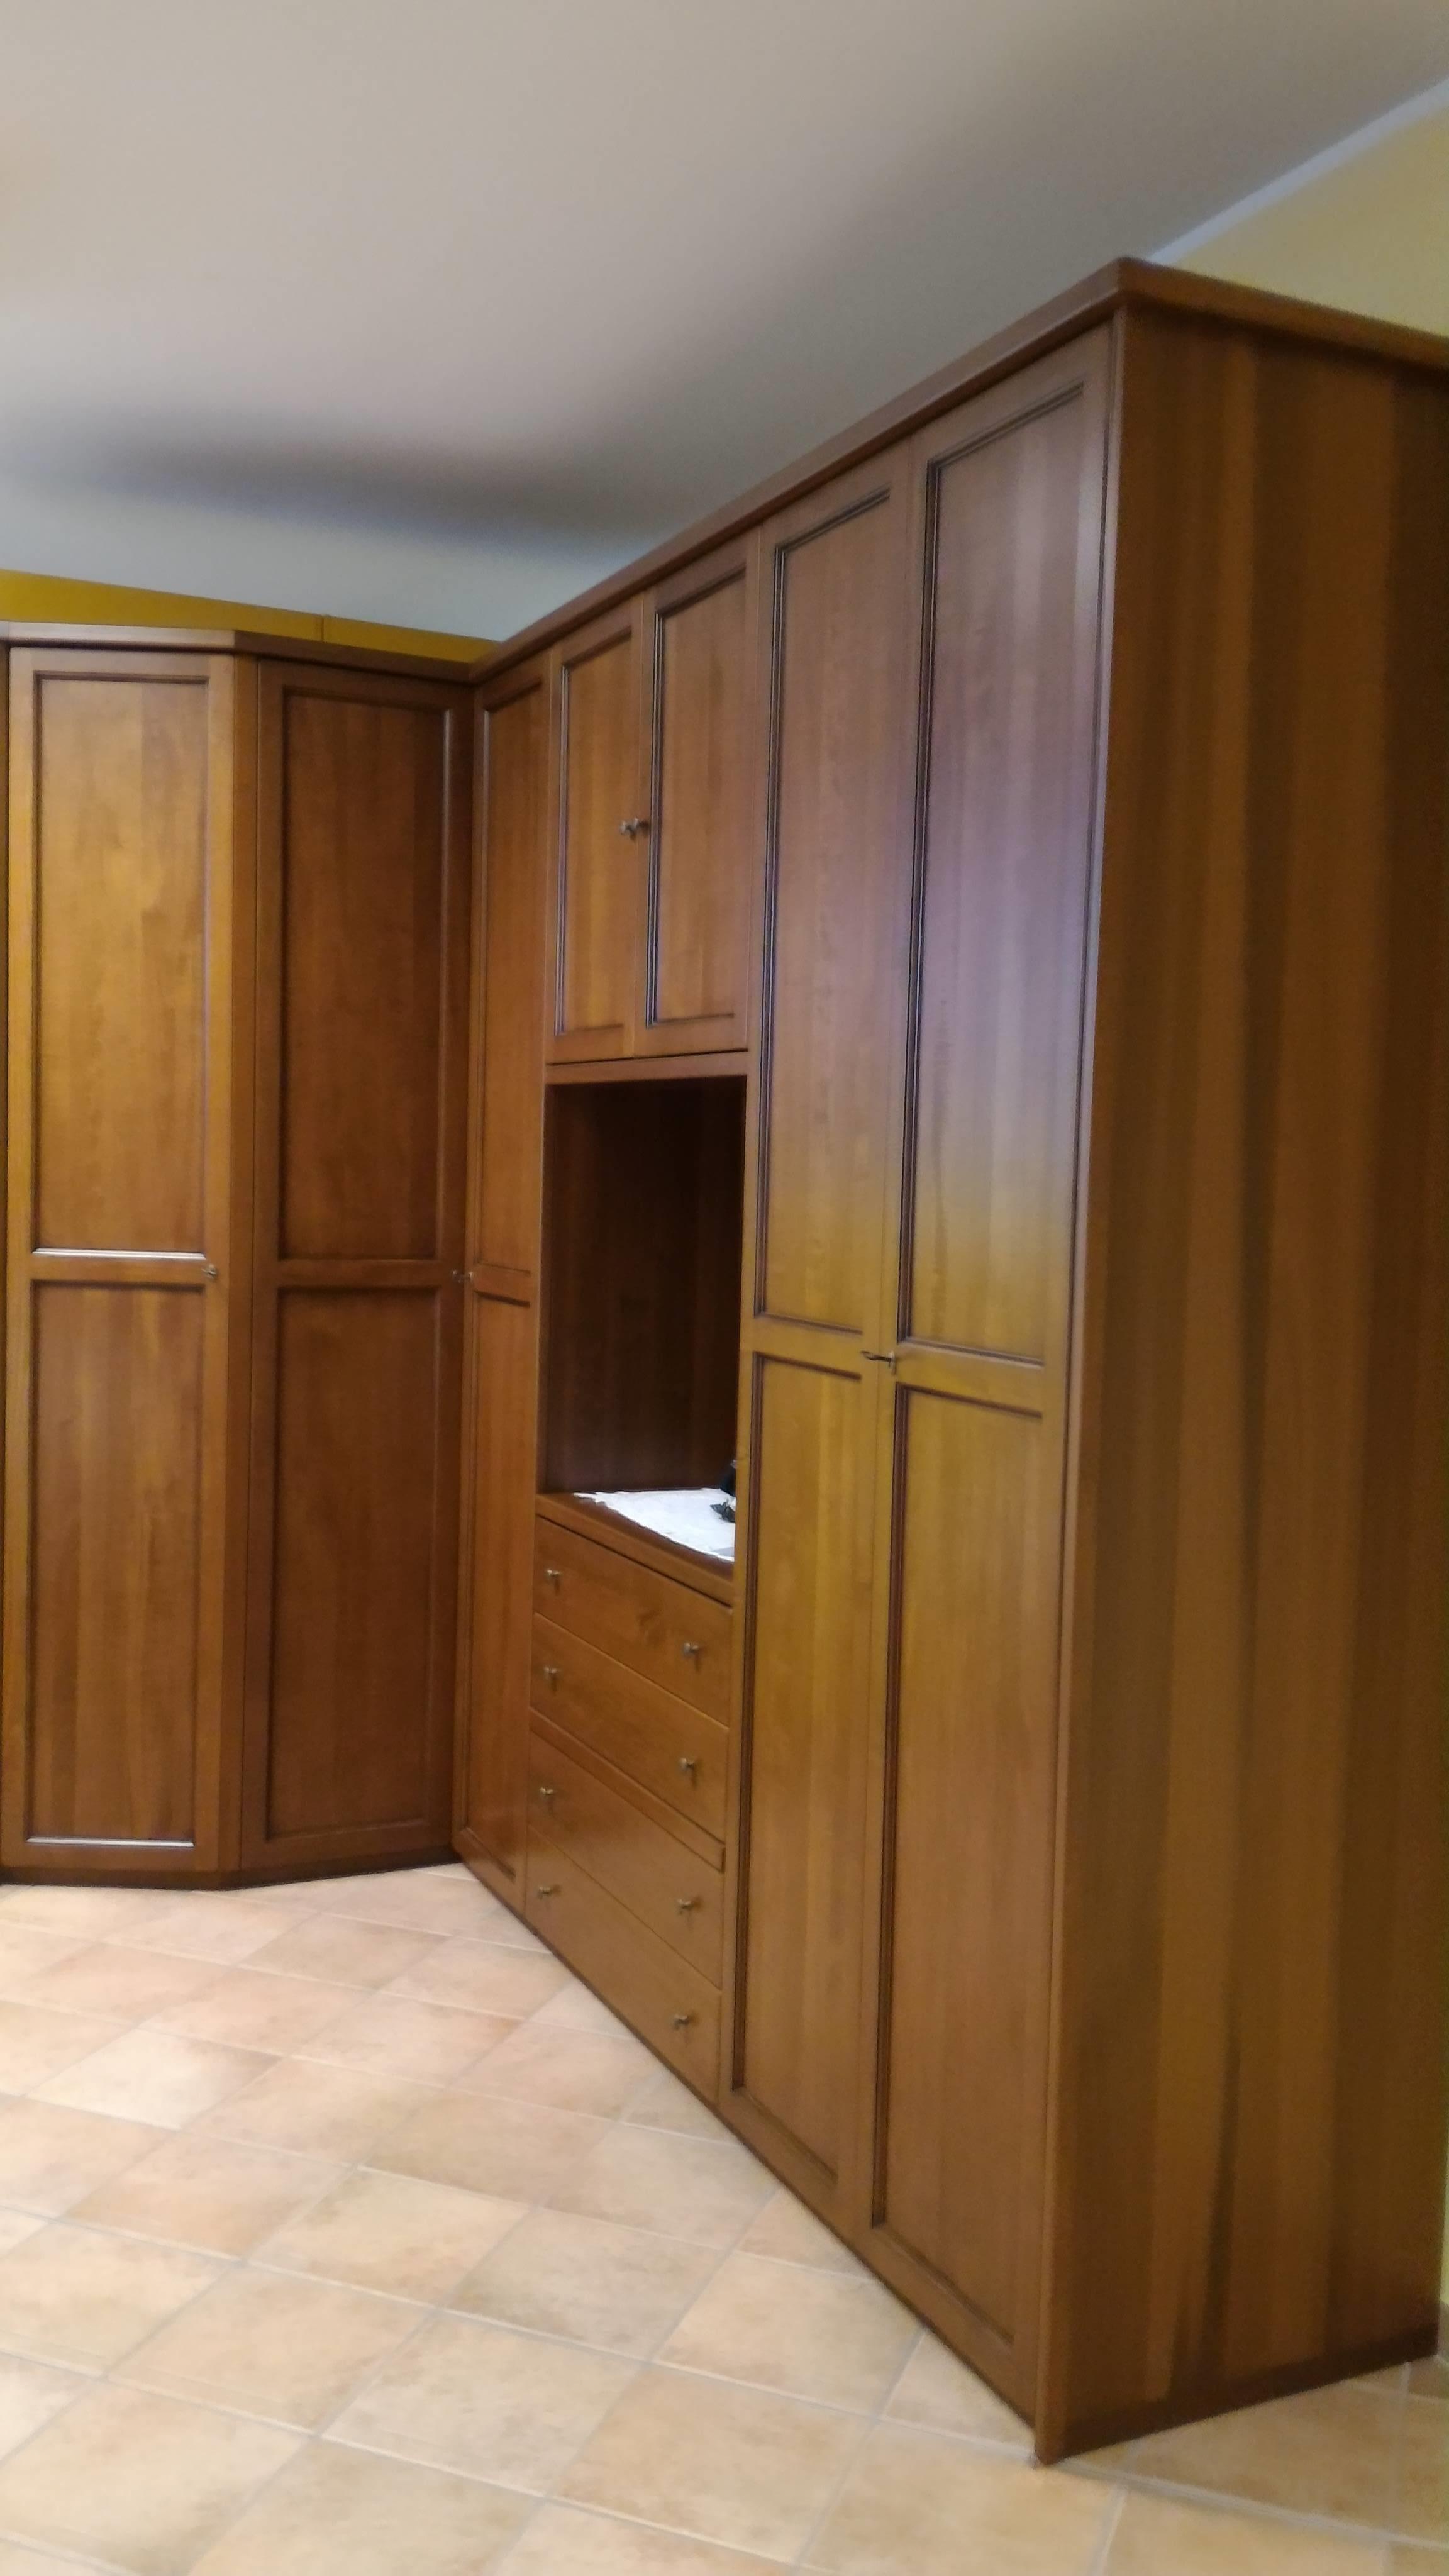 Cabine armadio ad angolo ikea armadi idee per stanzette - Mobili per camerette piccole ...